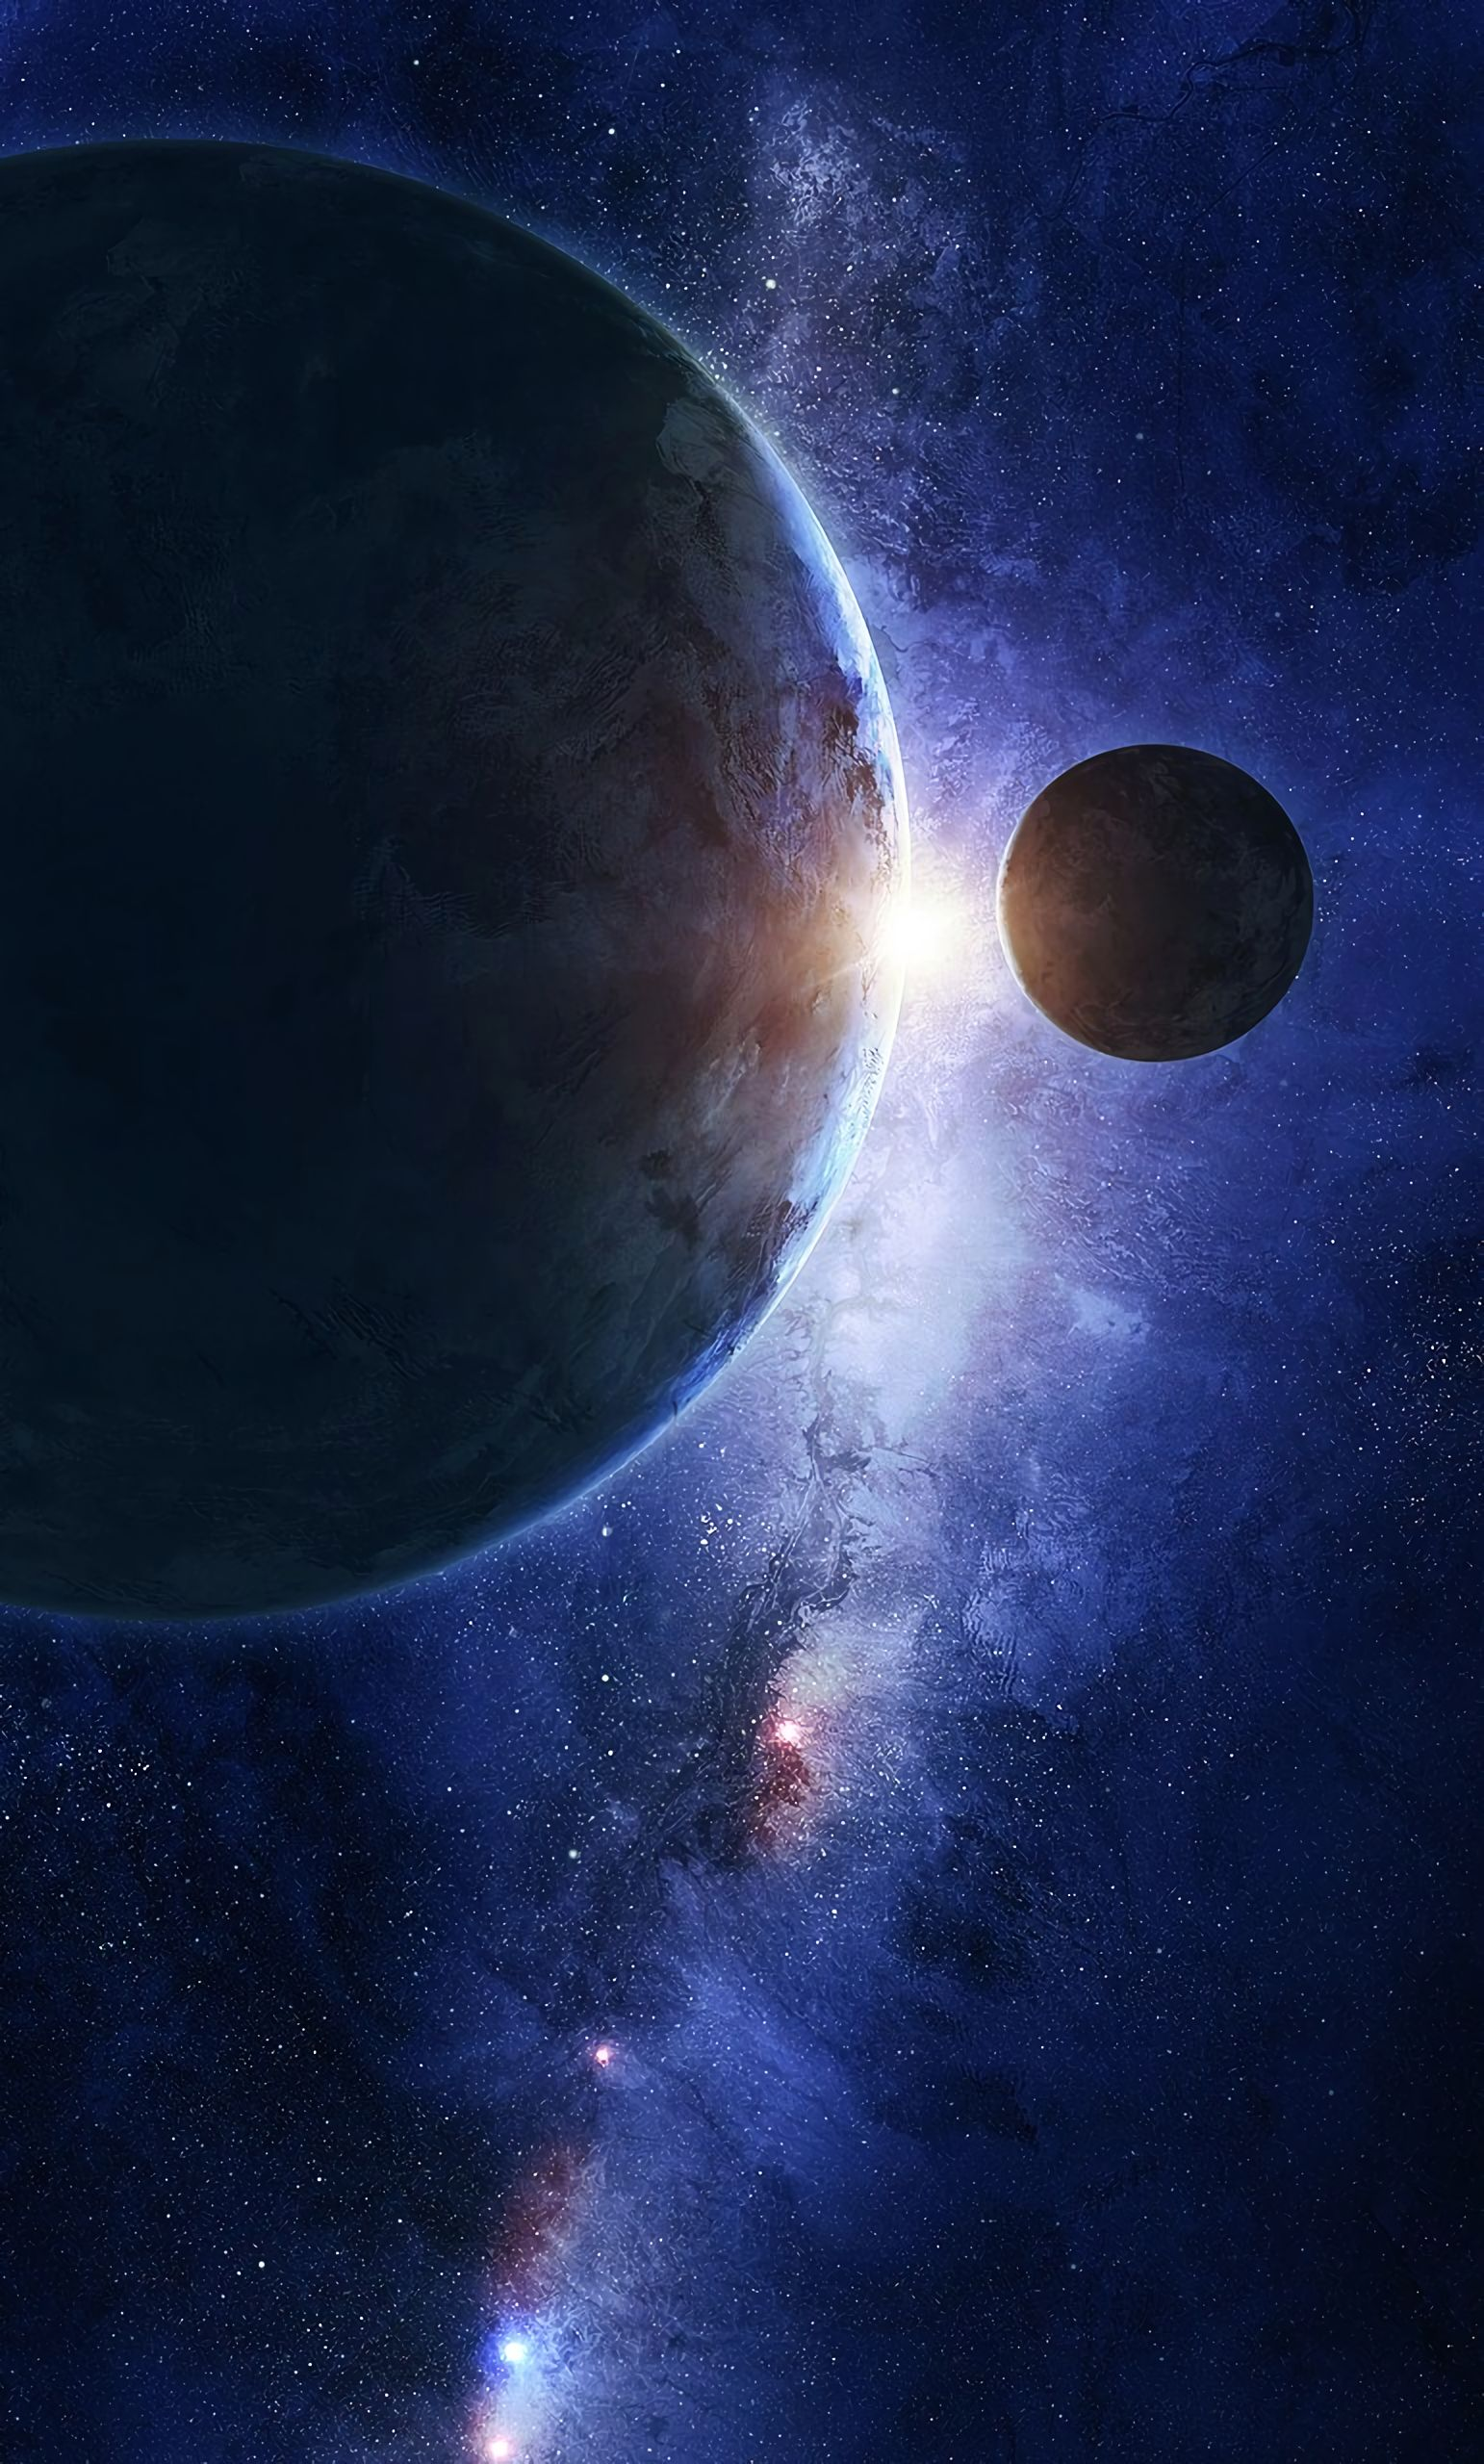 64428 Заставки и Обои Планеты на телефон. Скачать Планеты, Космос, Вселенная, Галактика, Планета, Спутник картинки бесплатно